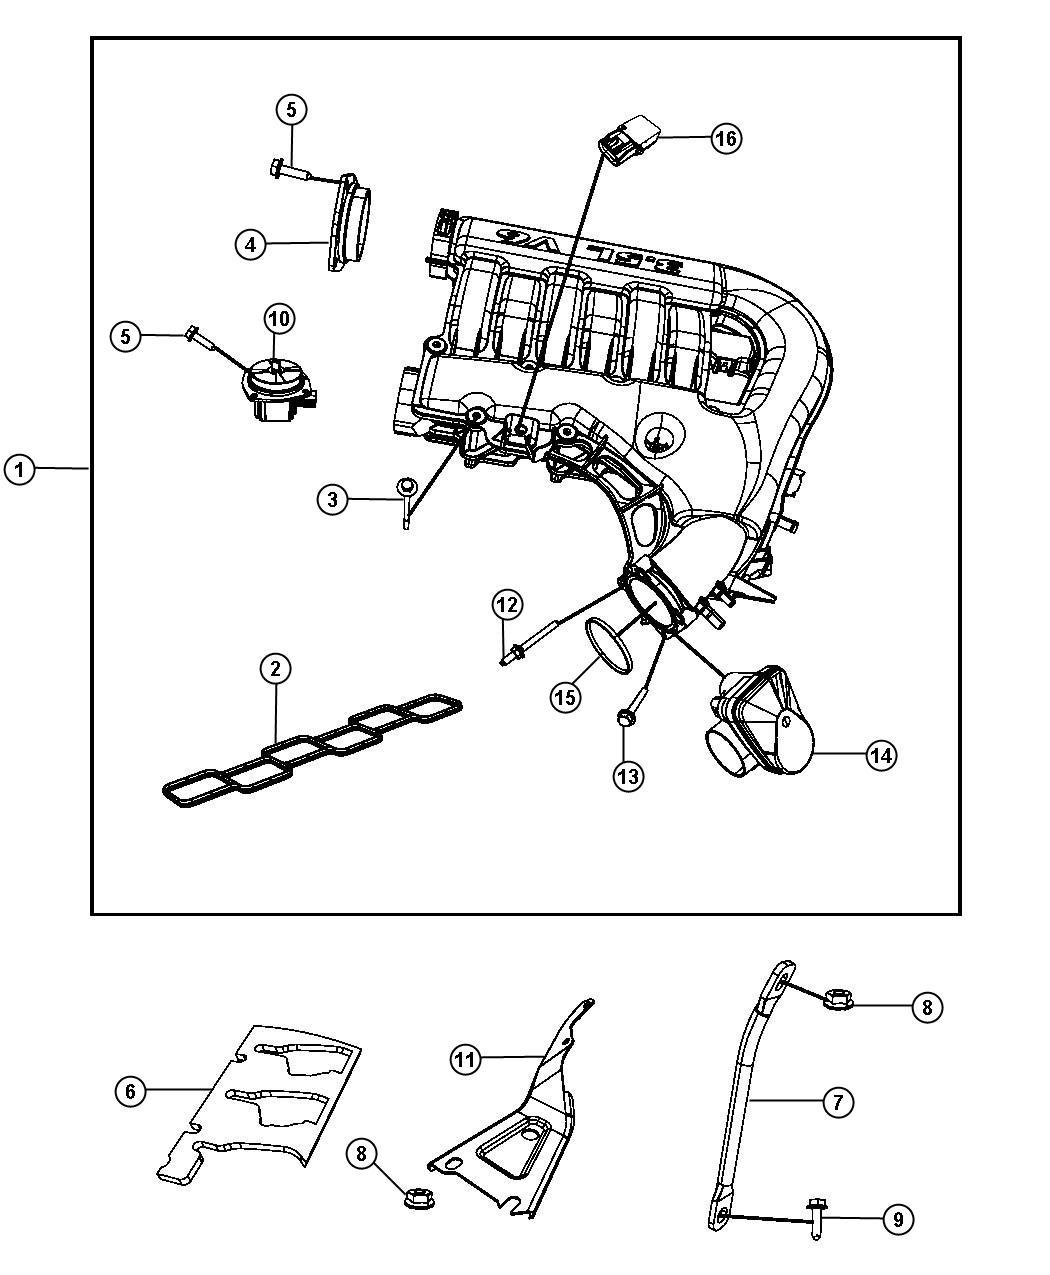 2008 Chrysler 300 Actuator kit. Secondary runner valve